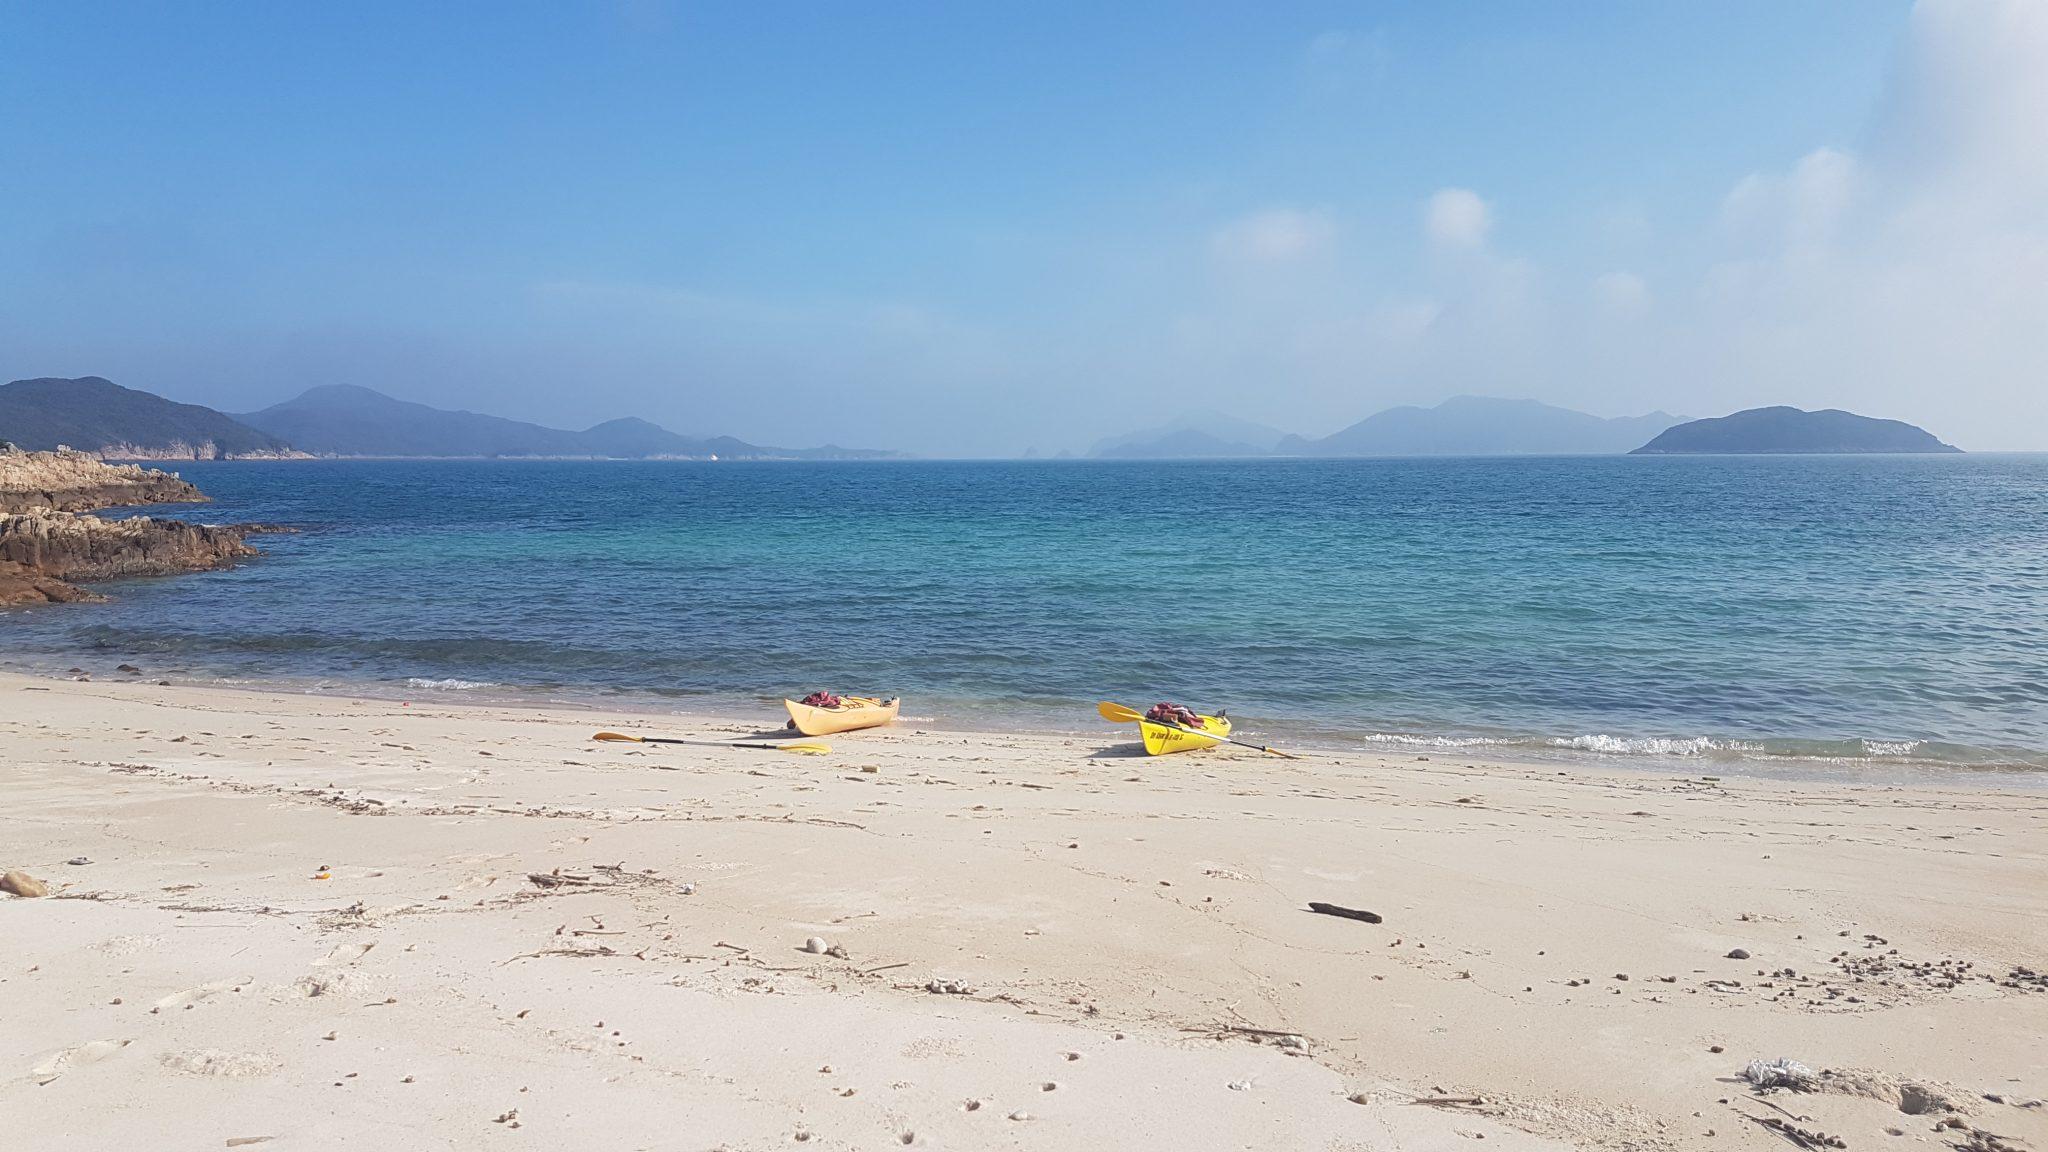 UNESCO Geopark 1 day sea kayak trip Hong Kong _15